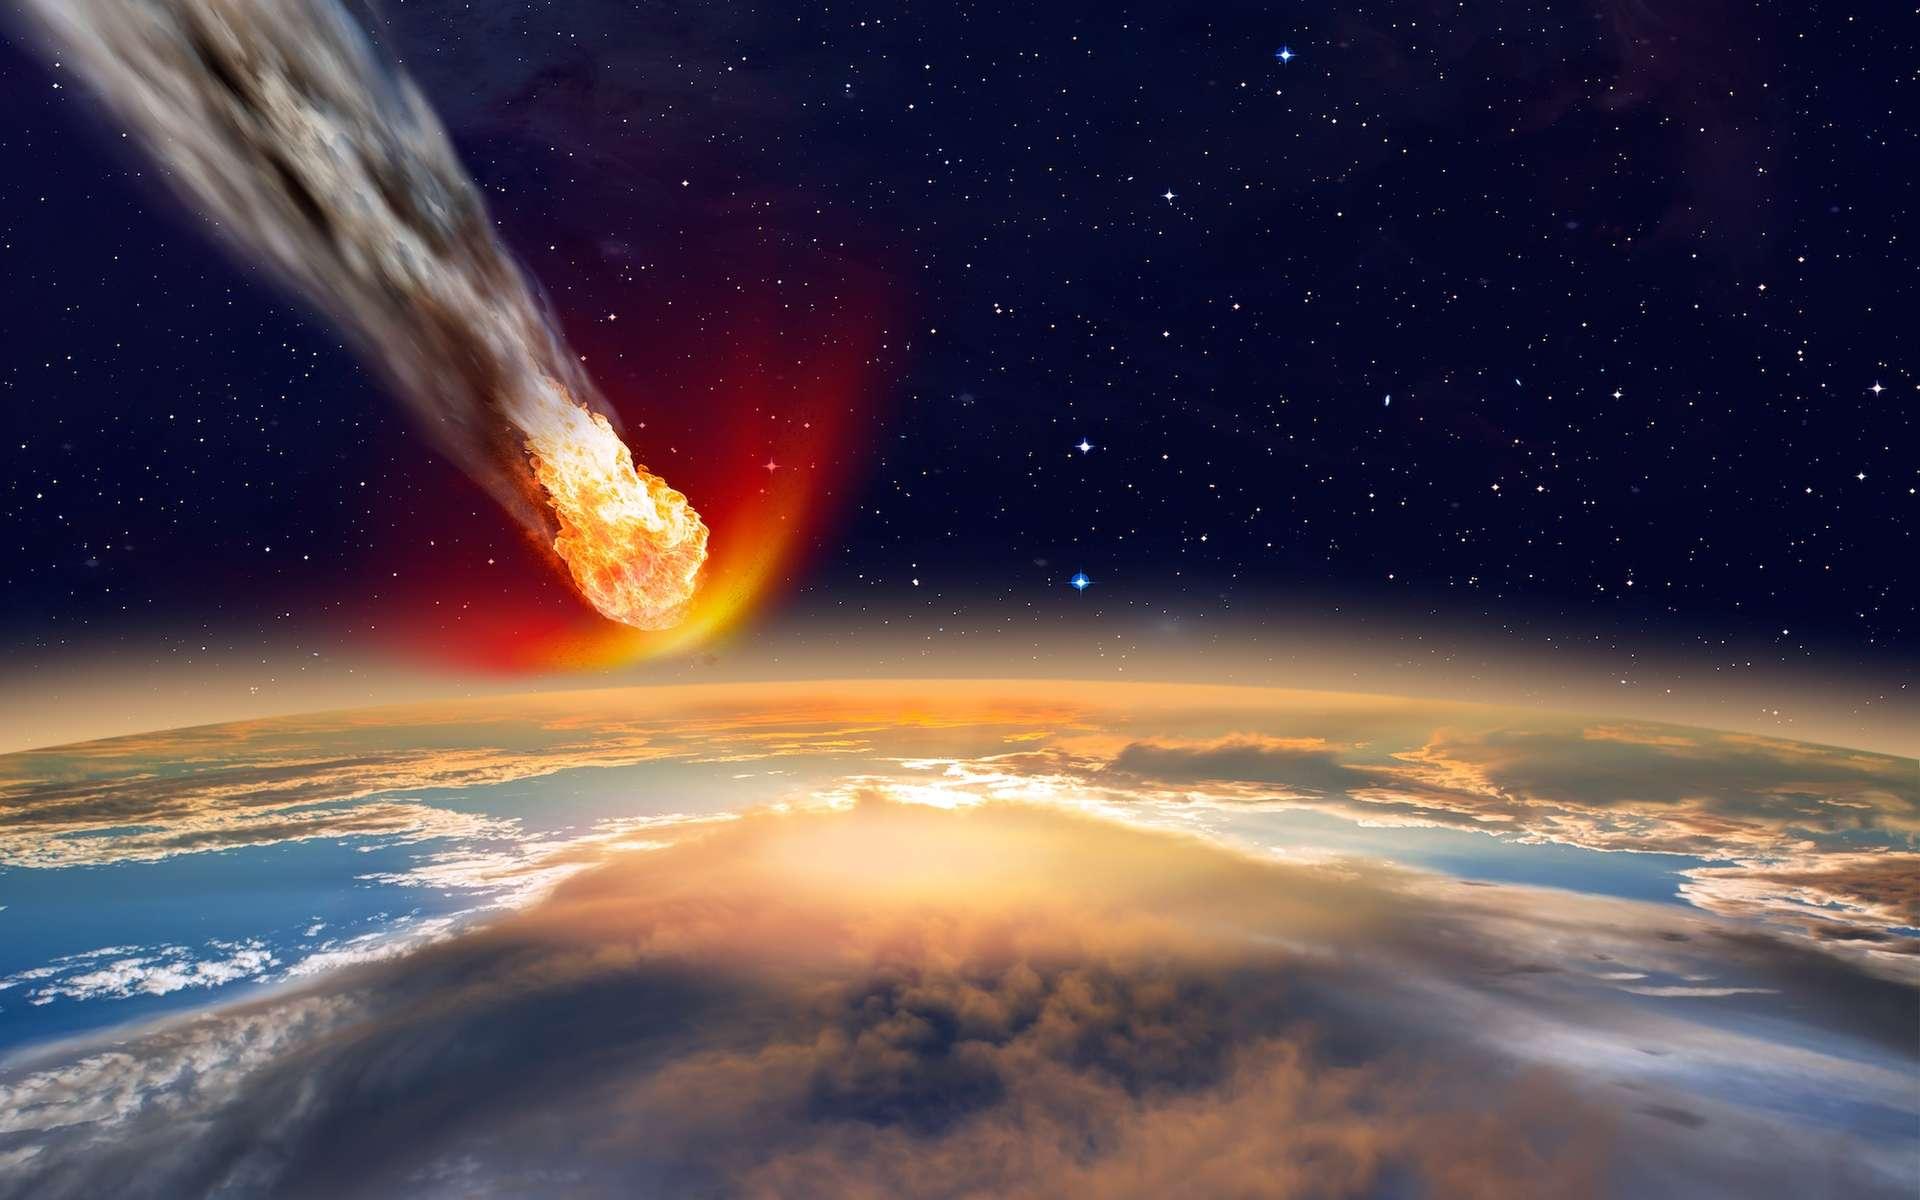 Image d'artiste d'un astéroïde fonçant sur la Terre. Les sphérules retrouvées dans les sédiments d'un ancien fond marin, entre deux couches volcaniques, au nord-ouest de l'Australie, dans la région de Marble Bar, ont été créées par l'impact d'un corps de 20 à 30 km de diamètre, il y a 3,46 milliards d'années. © muratart, Shutterstock